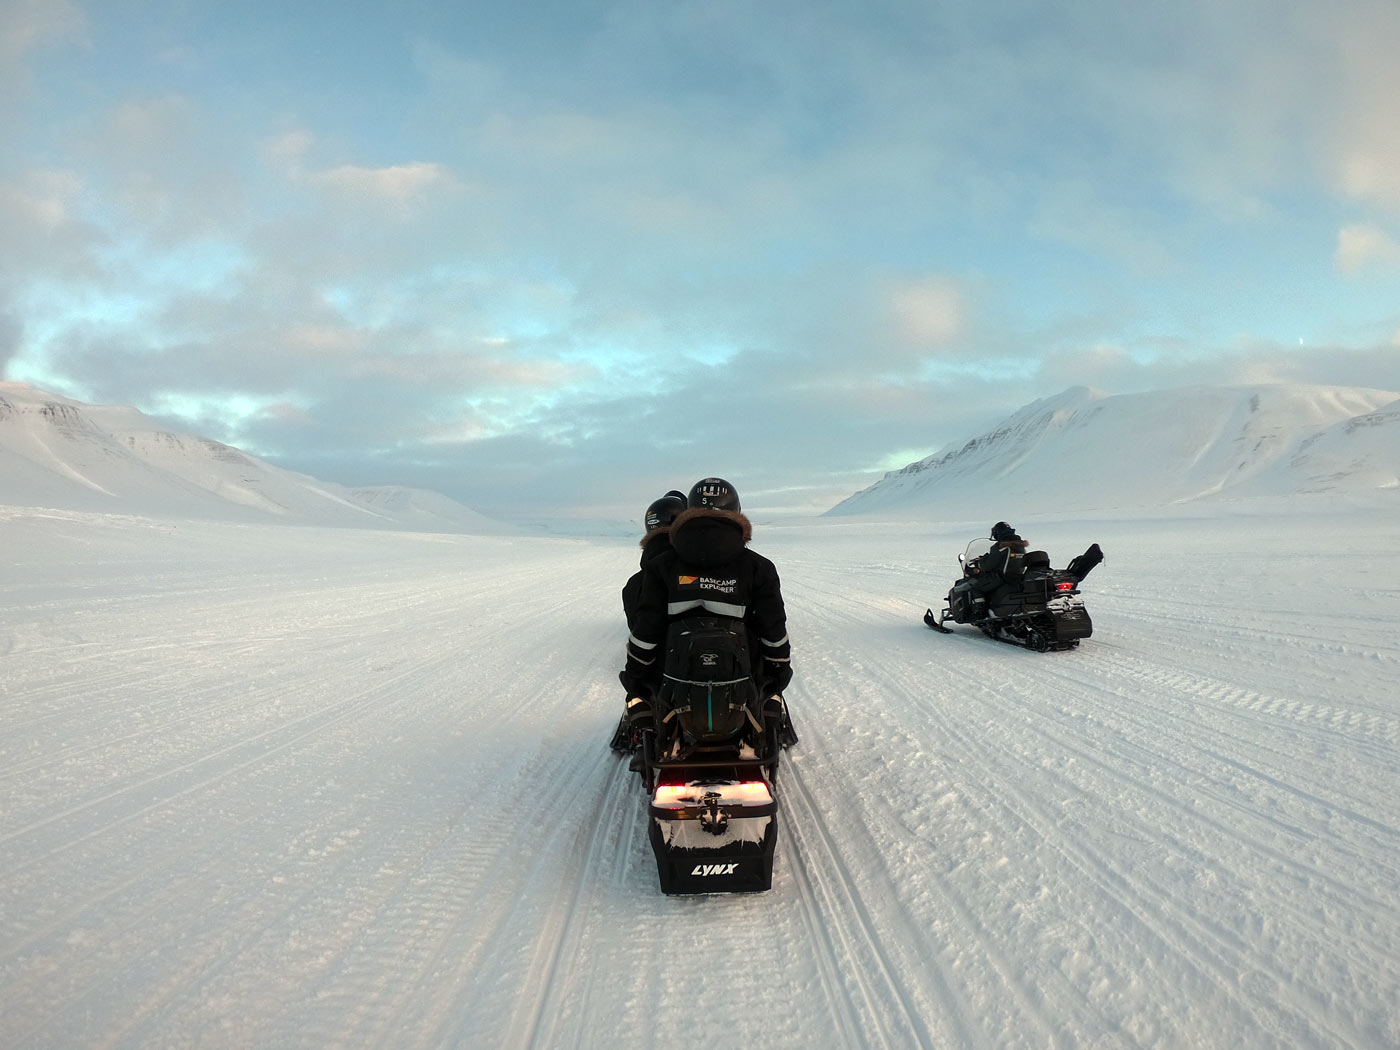 Spitzbergen Reise - Aktivitäten, Ausflüge und Touren in der Arktis im Winter - Gin des Lebens Reiseblog mit Ginliebe